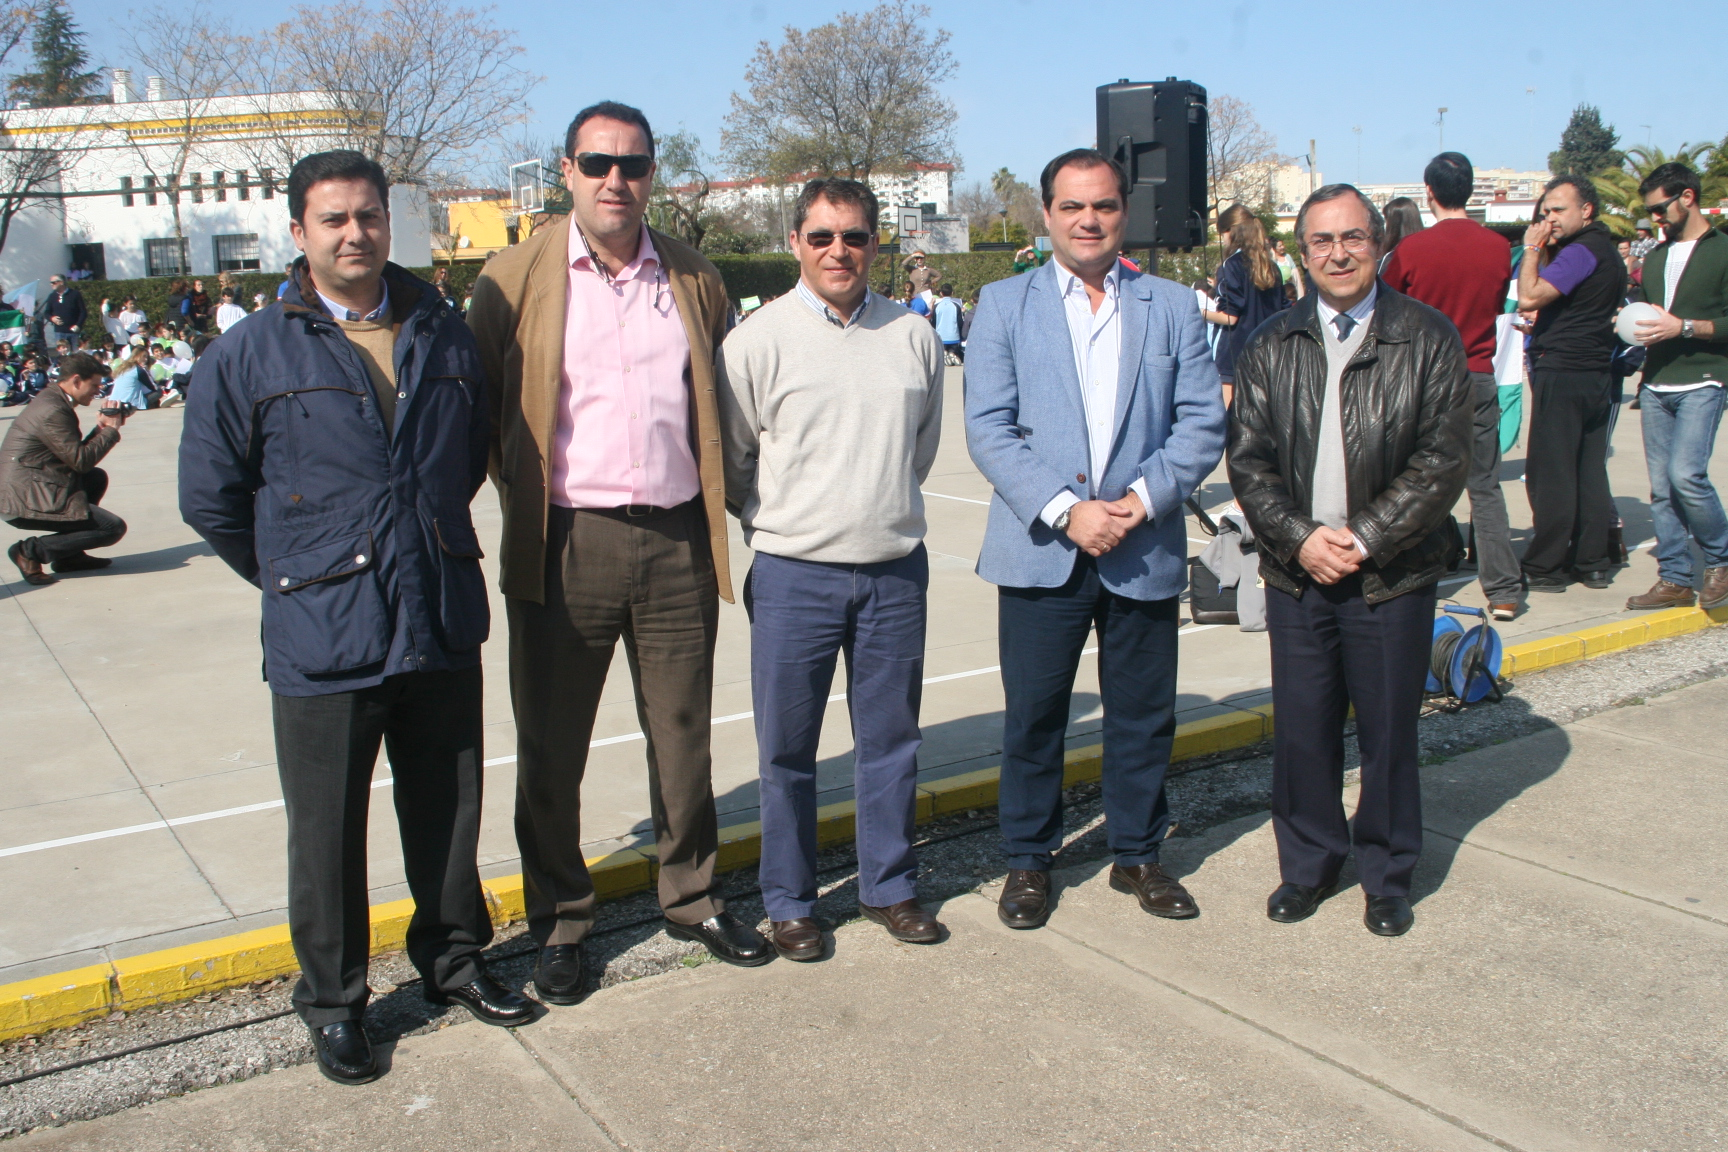 Miguel Cáceres, José María Carrasco, Álvaro Martín, Jaime ruiz y Jesús Manuel Gutiérrez.